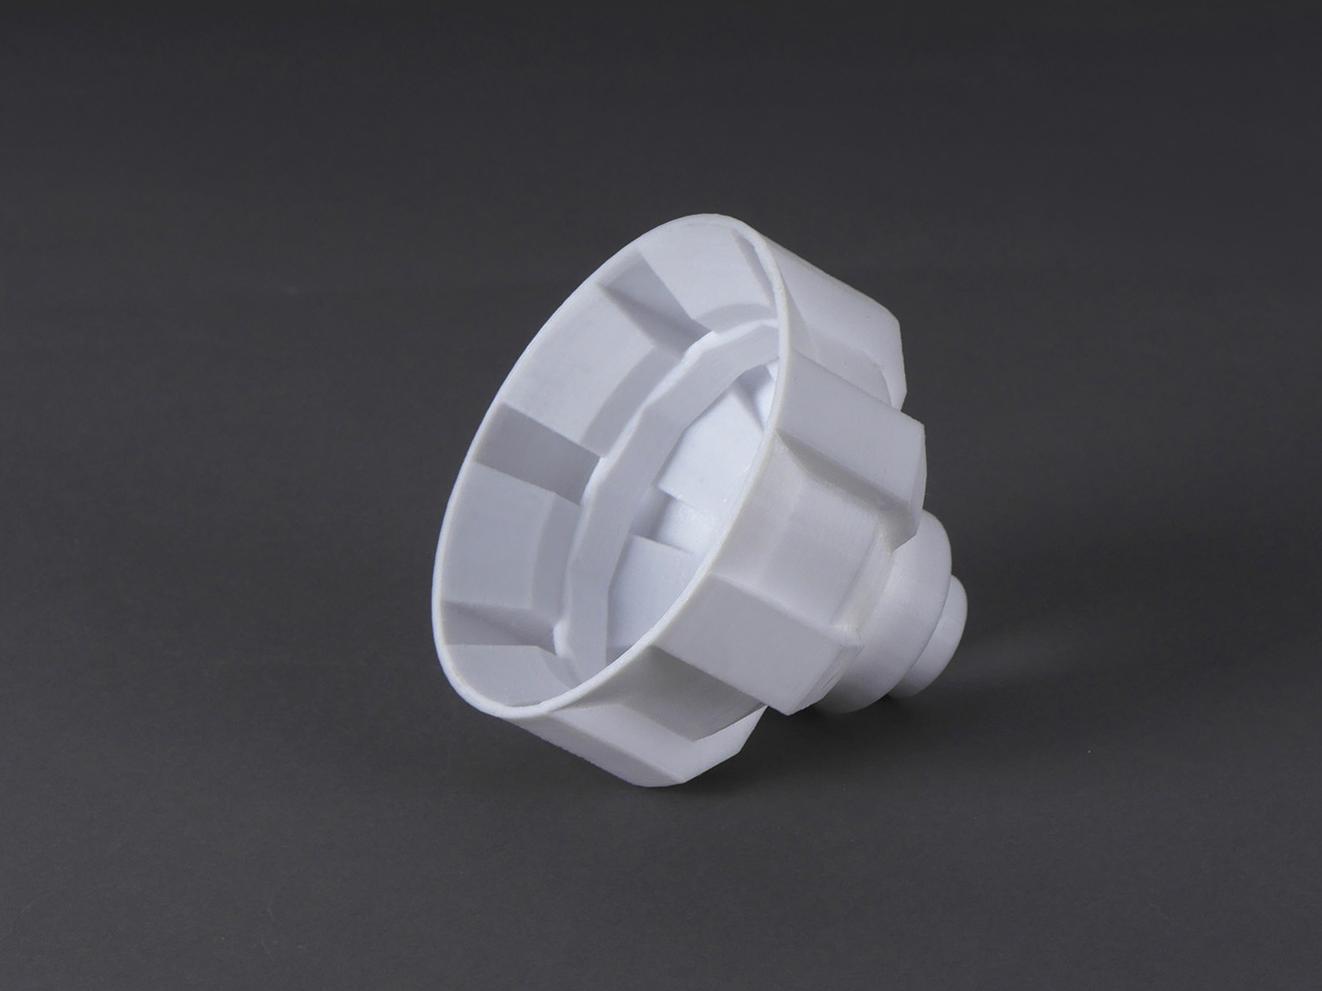 Mankati mPC-S 3D printing material